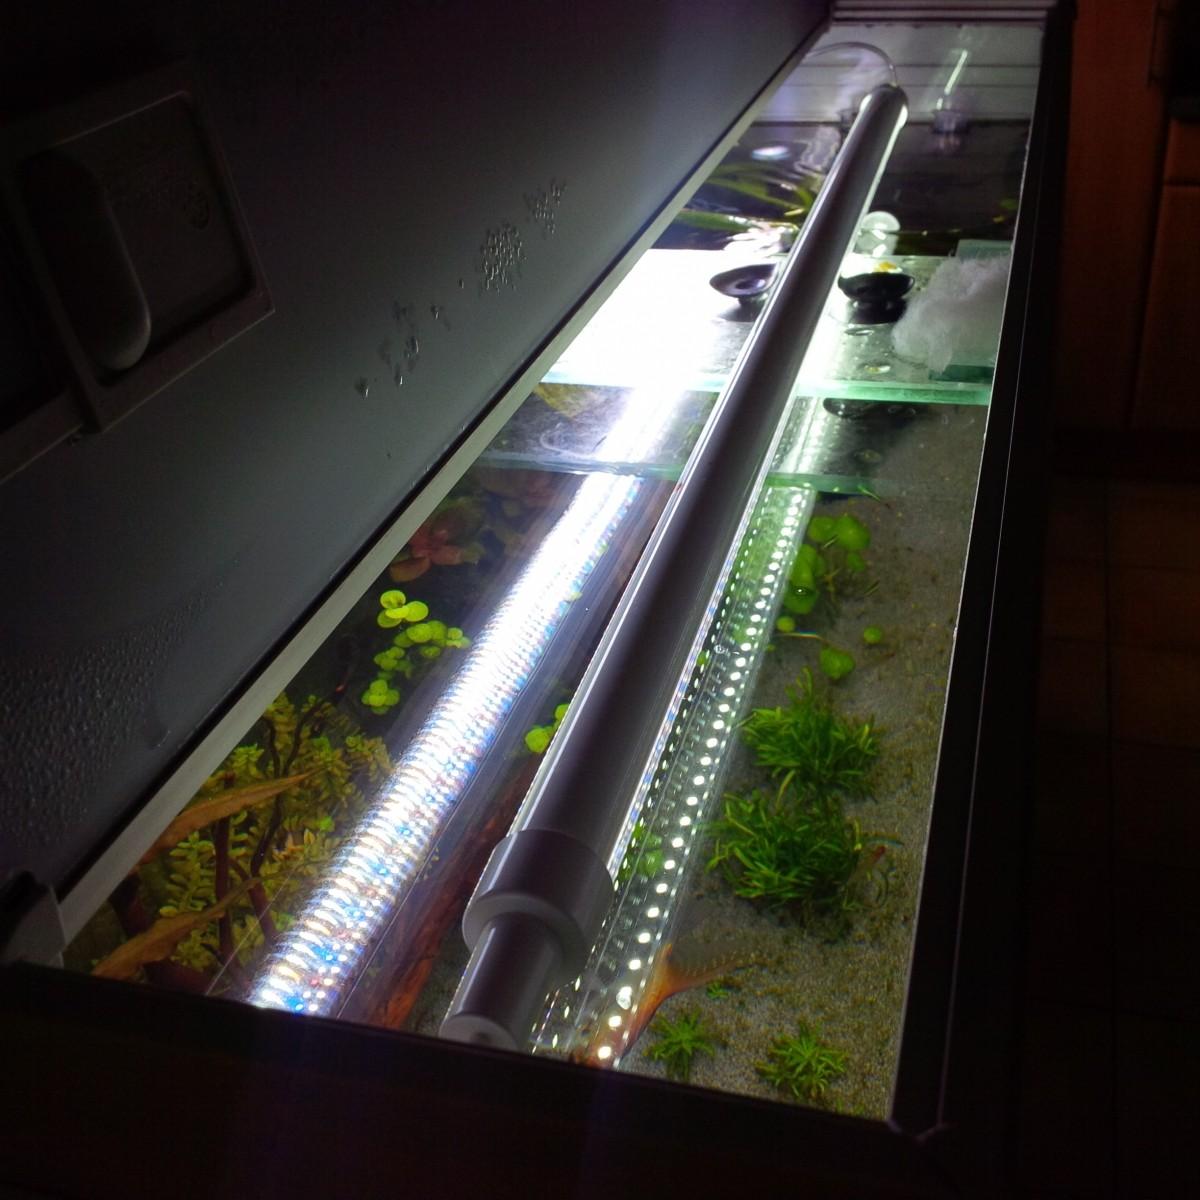 tube supraled 6500k adaptable sur rampe t8 et t5 eclairage led. Black Bedroom Furniture Sets. Home Design Ideas